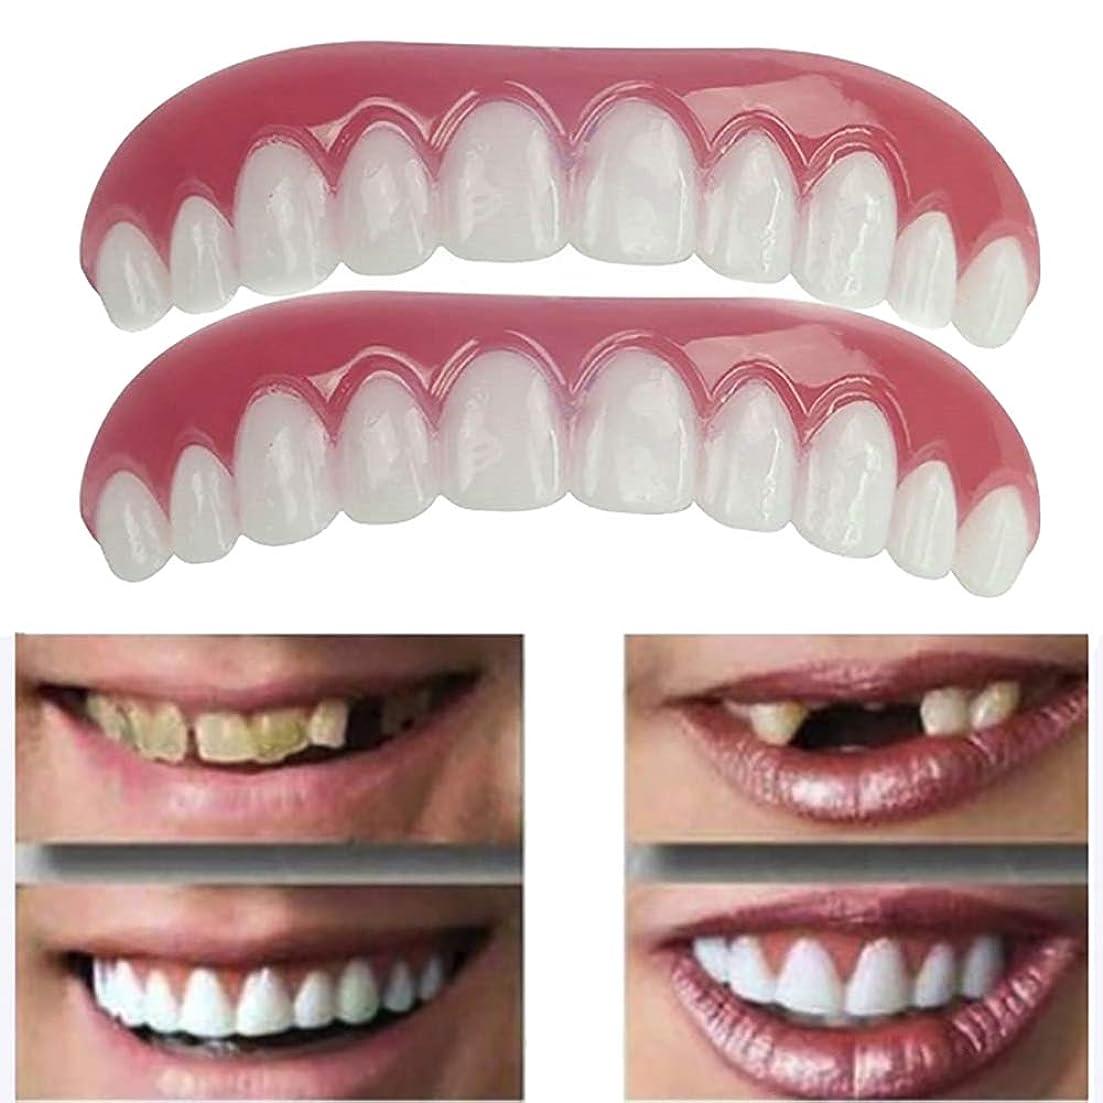 流行している不正直急性シリコーン偽の歯アッパー偽の歯のカバー安全なインスタント笑顔化粧品ノベルティ歯 - ワンサイズが最もフィット(5ペア)